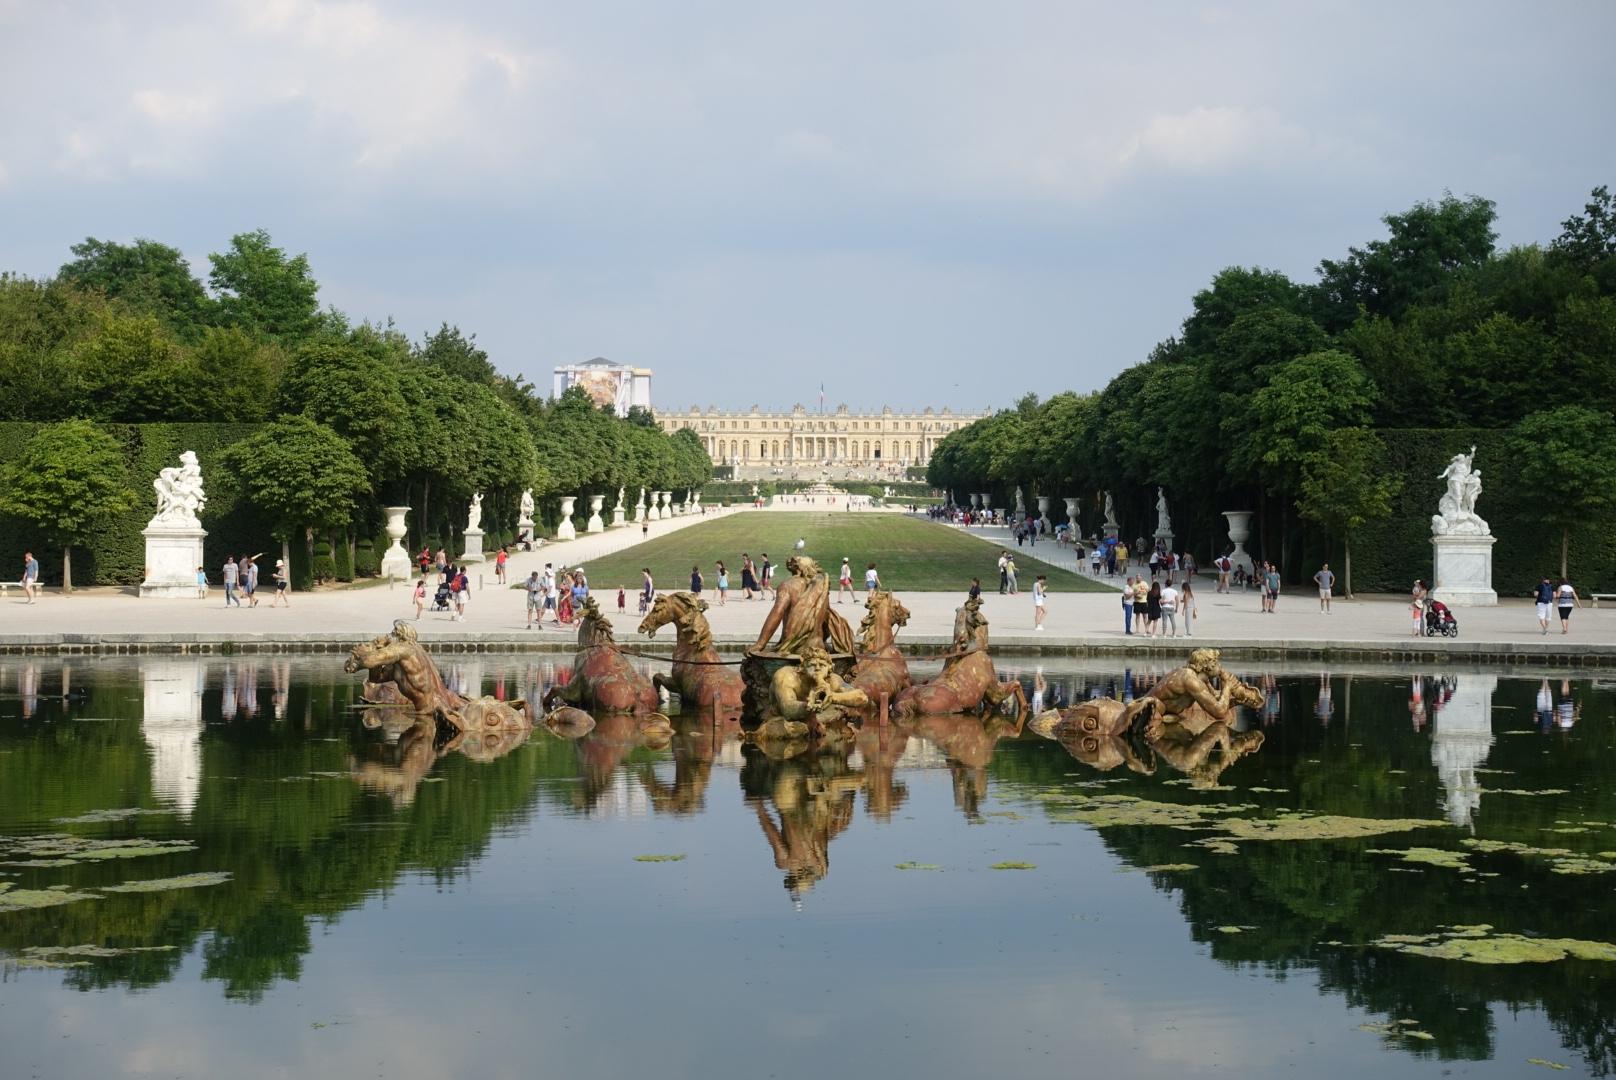 하루 종일도 부족한 베르사유 궁전 - 32일: 프랑스...